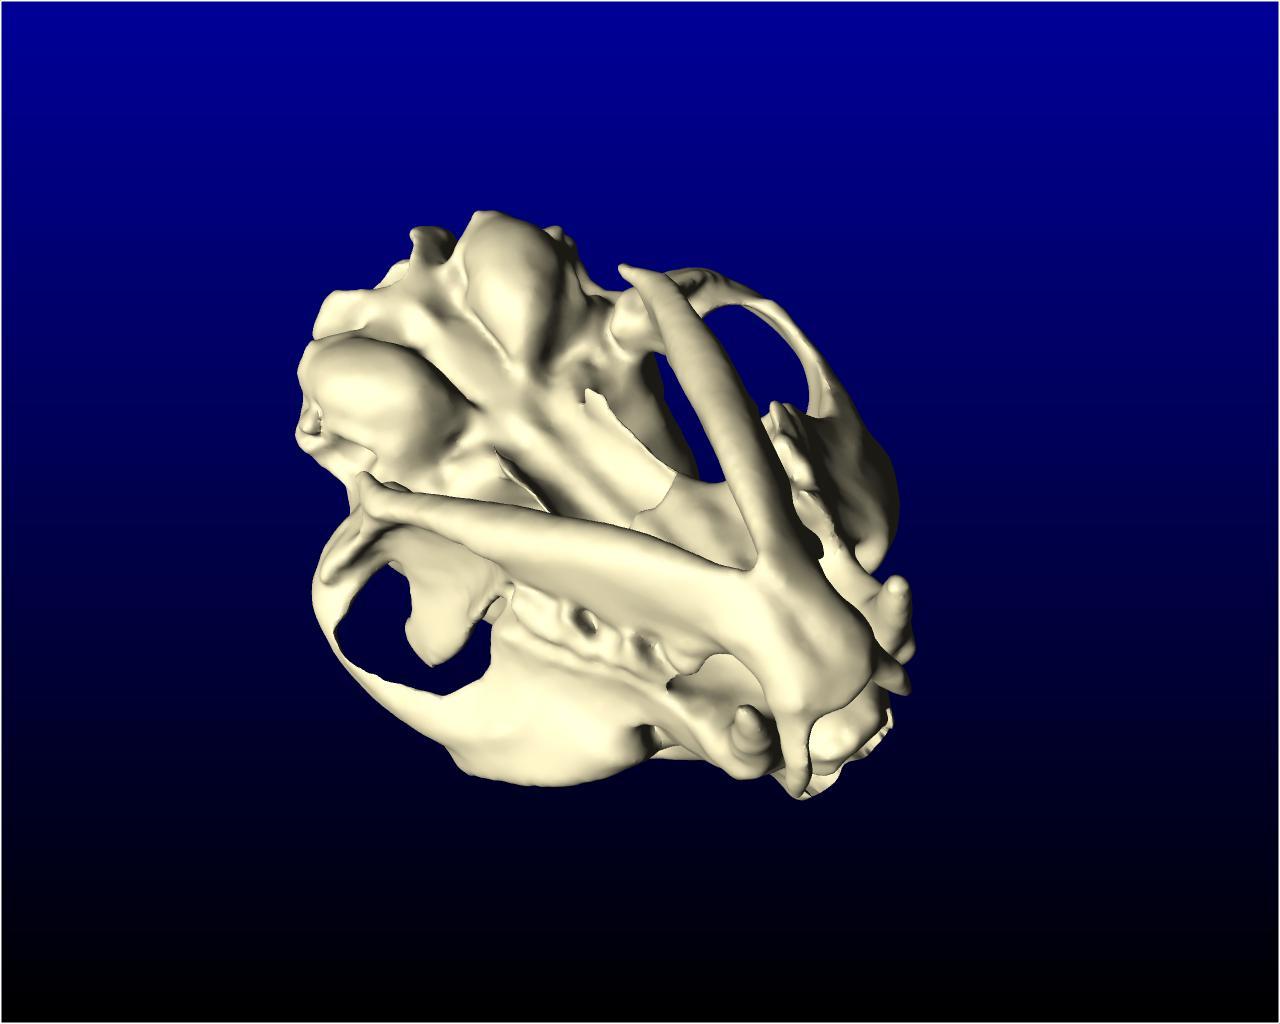 cat_skull_004.jpg